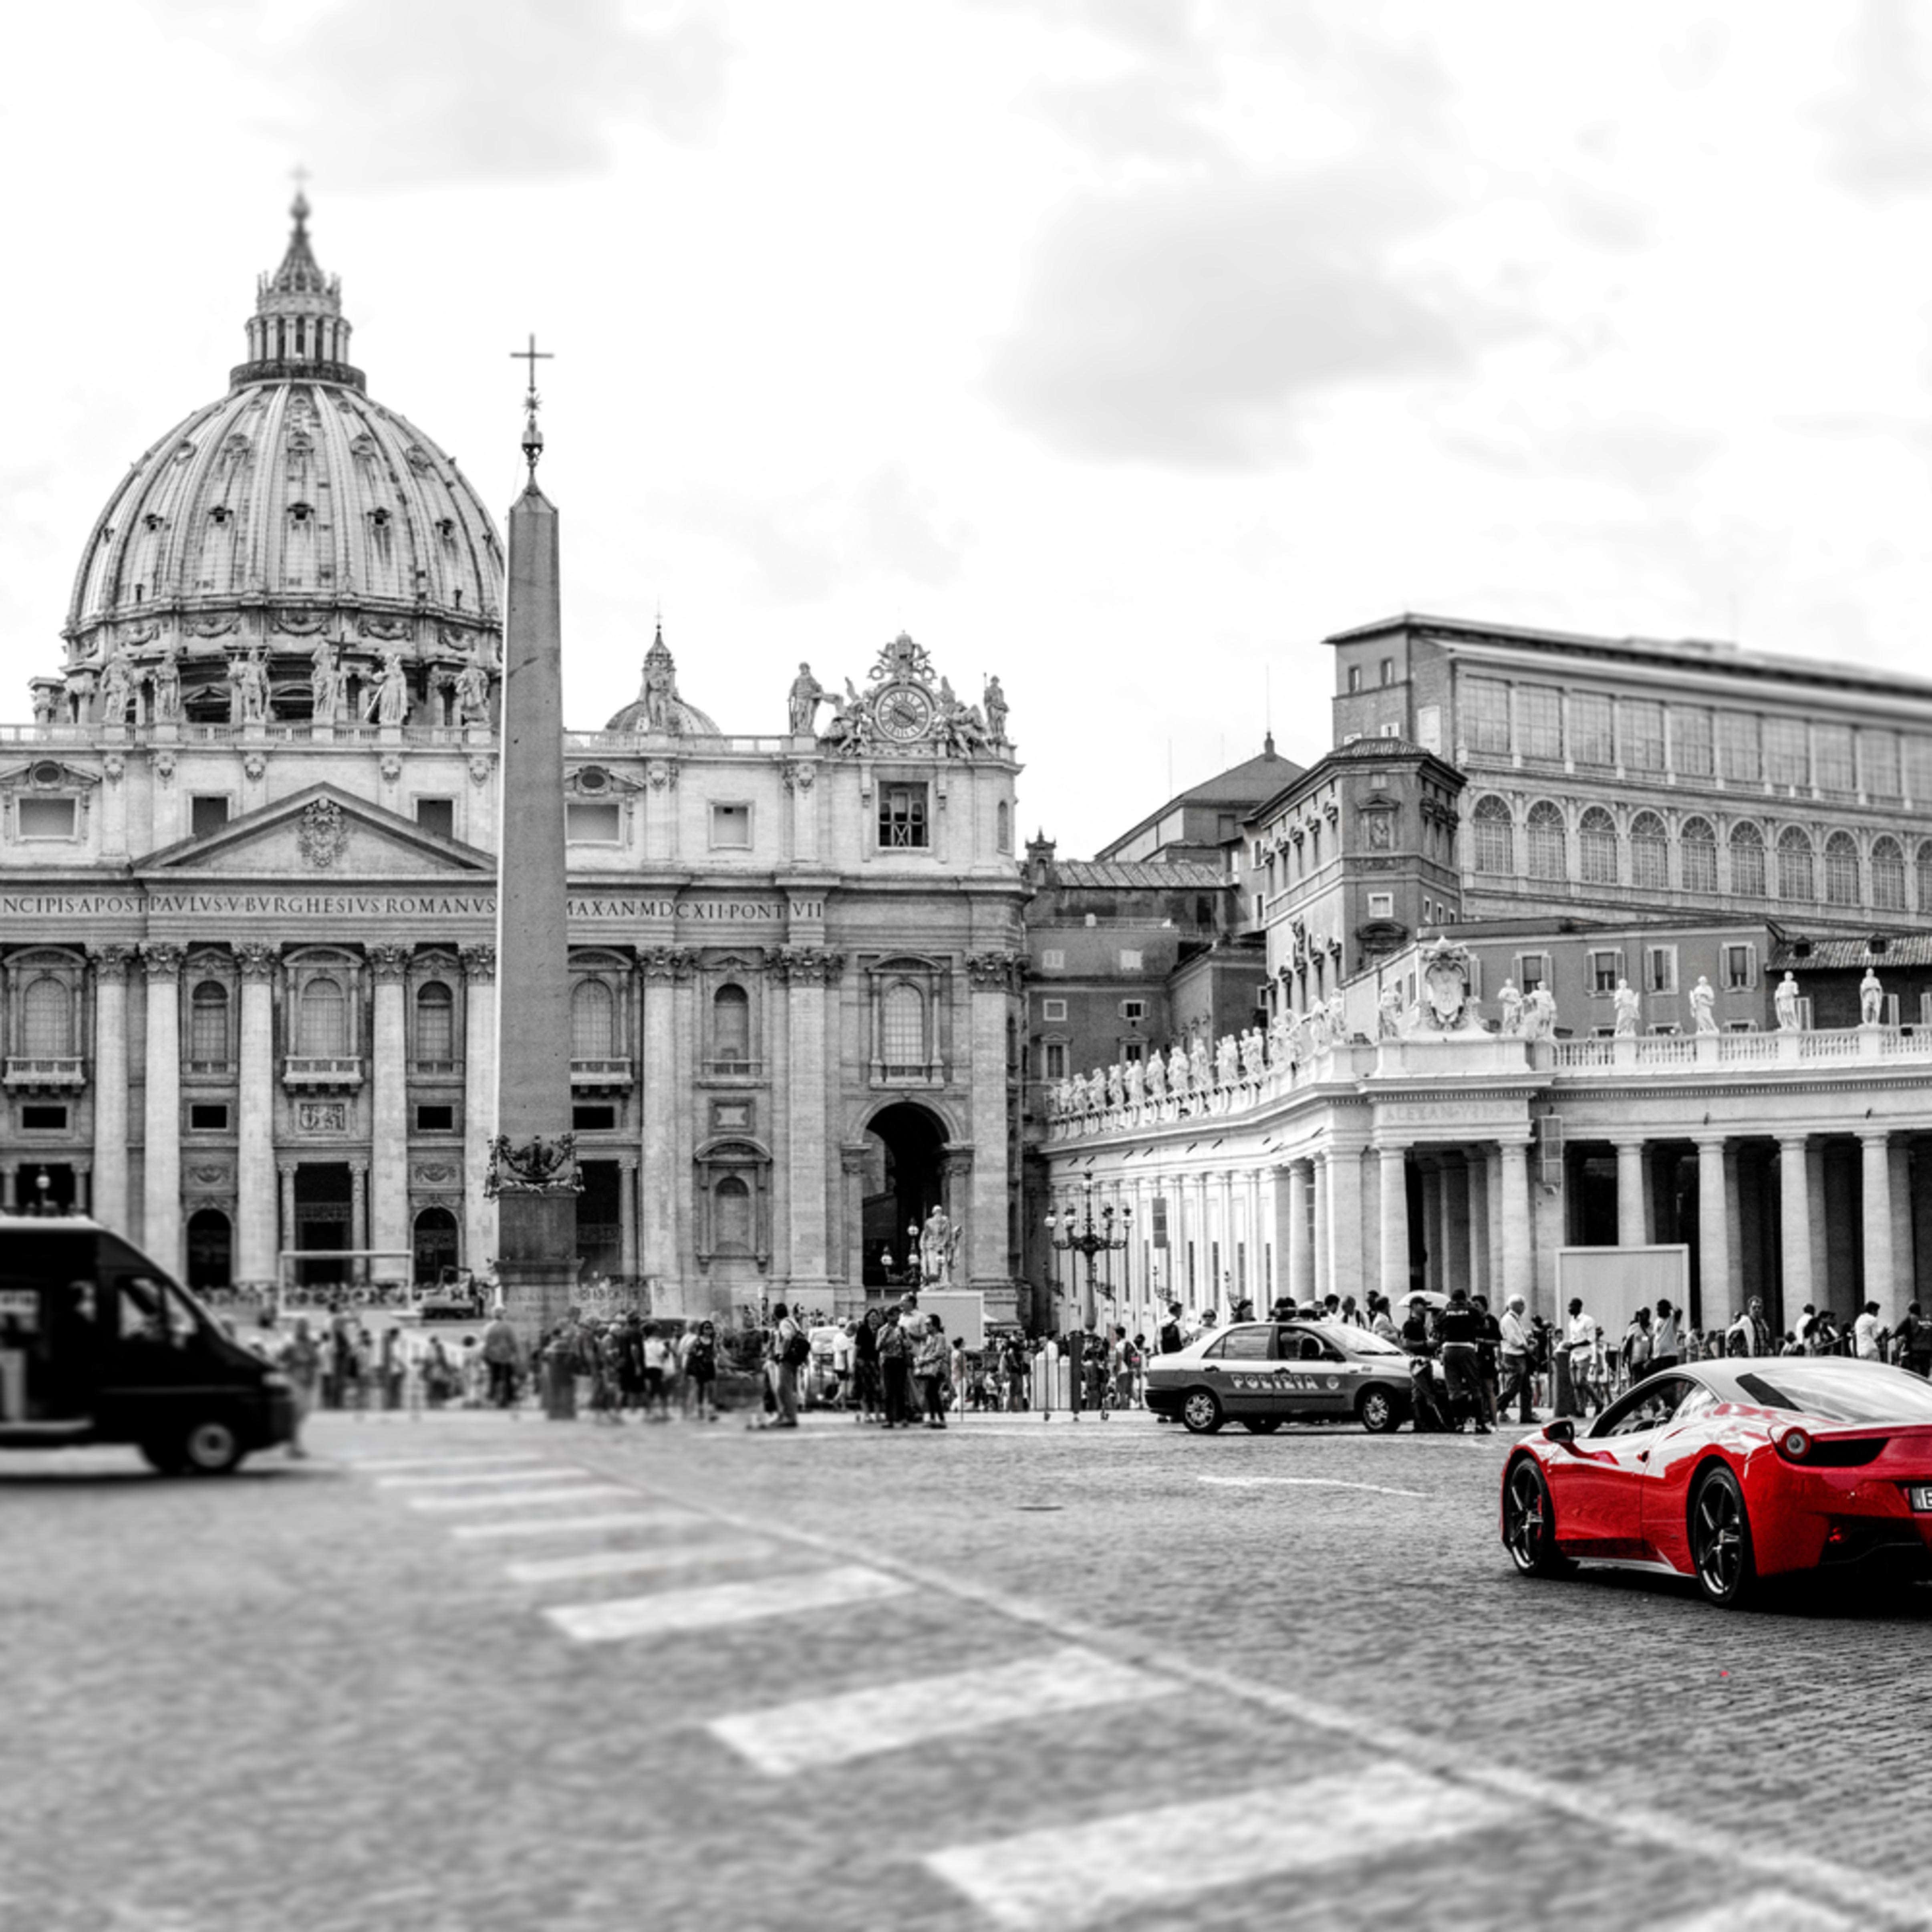 Ferrari at the vatican color corrected gkhvu6